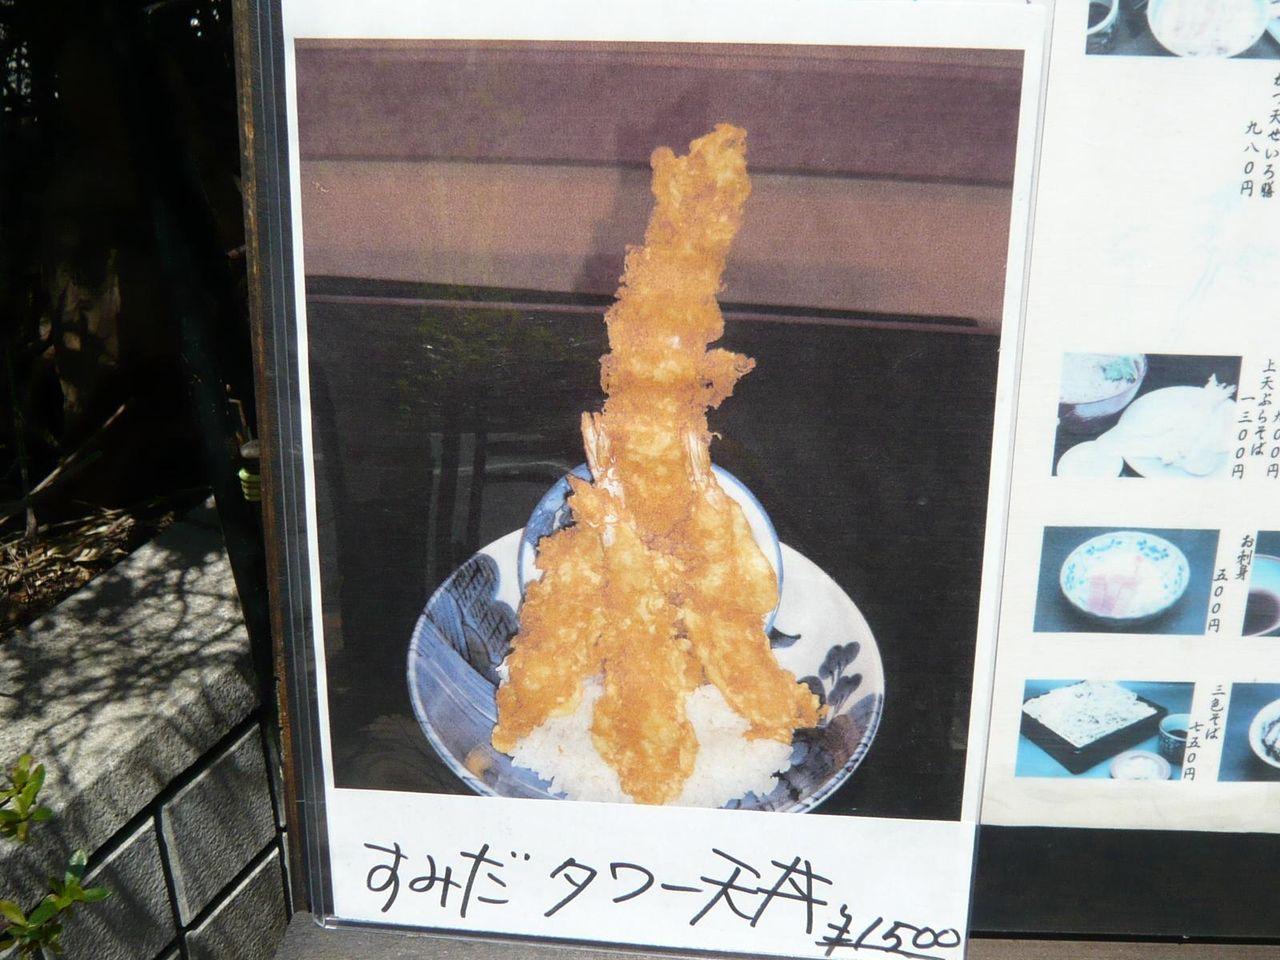 すみだタワー天丼のメニュー(22年4月現在)